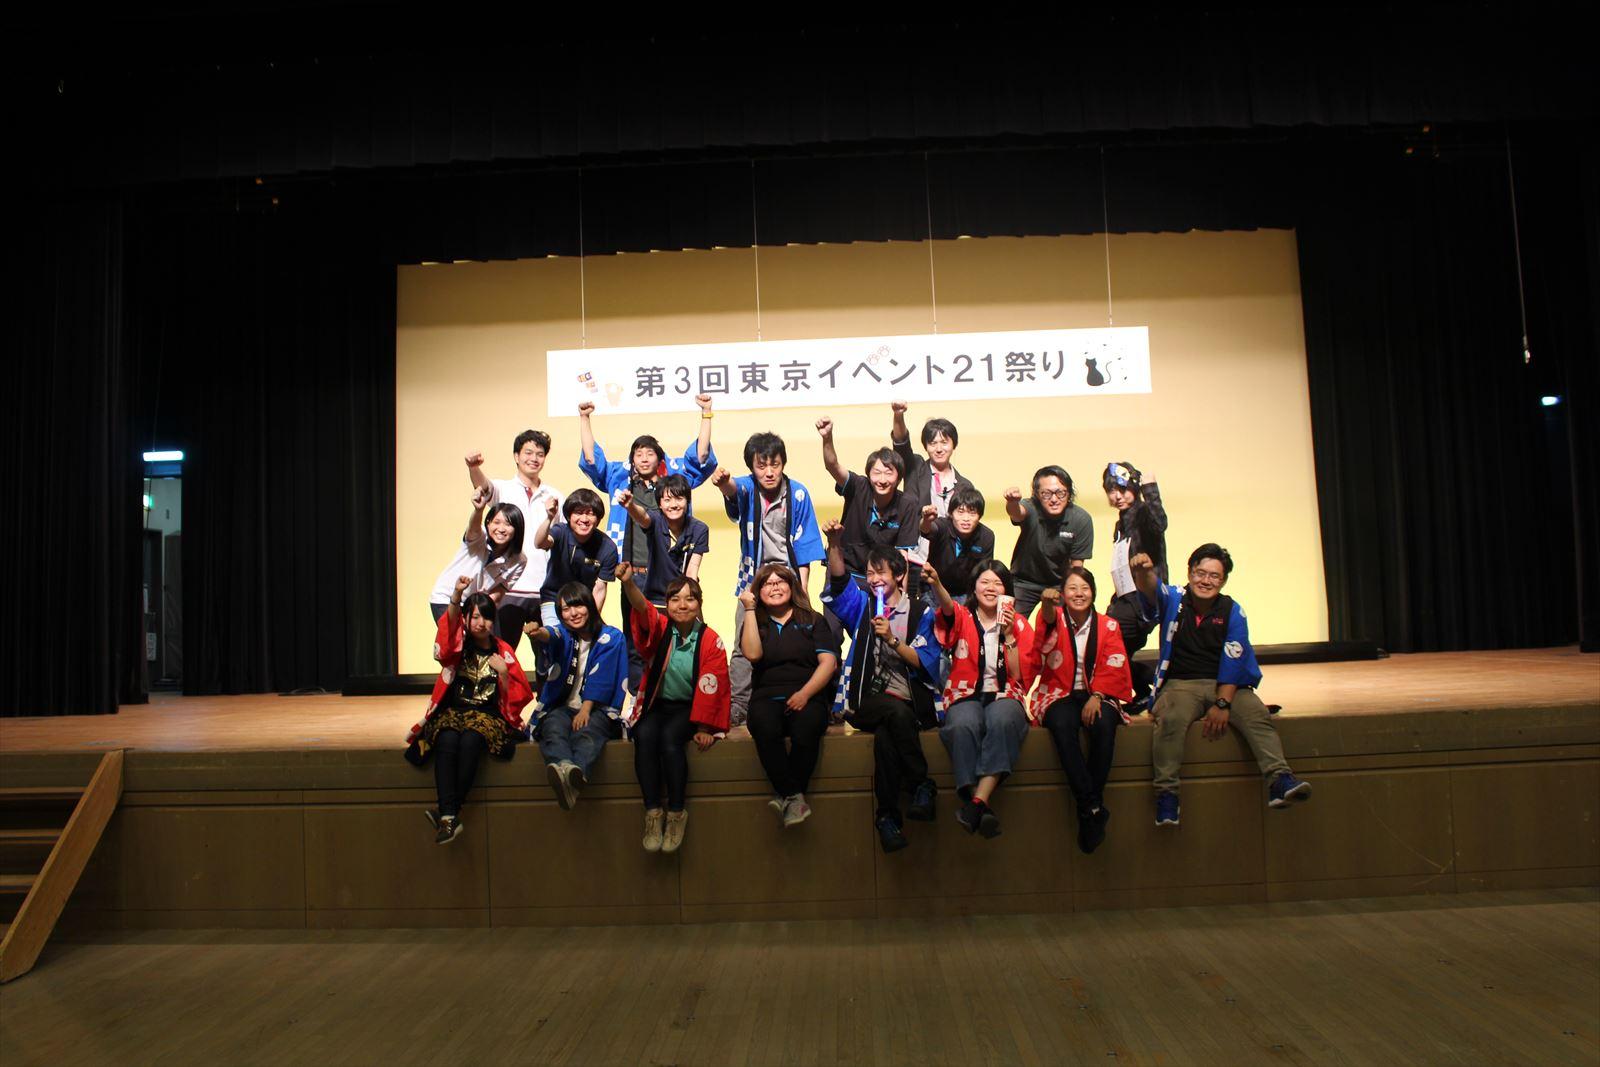 第三回イベント21東京祭り